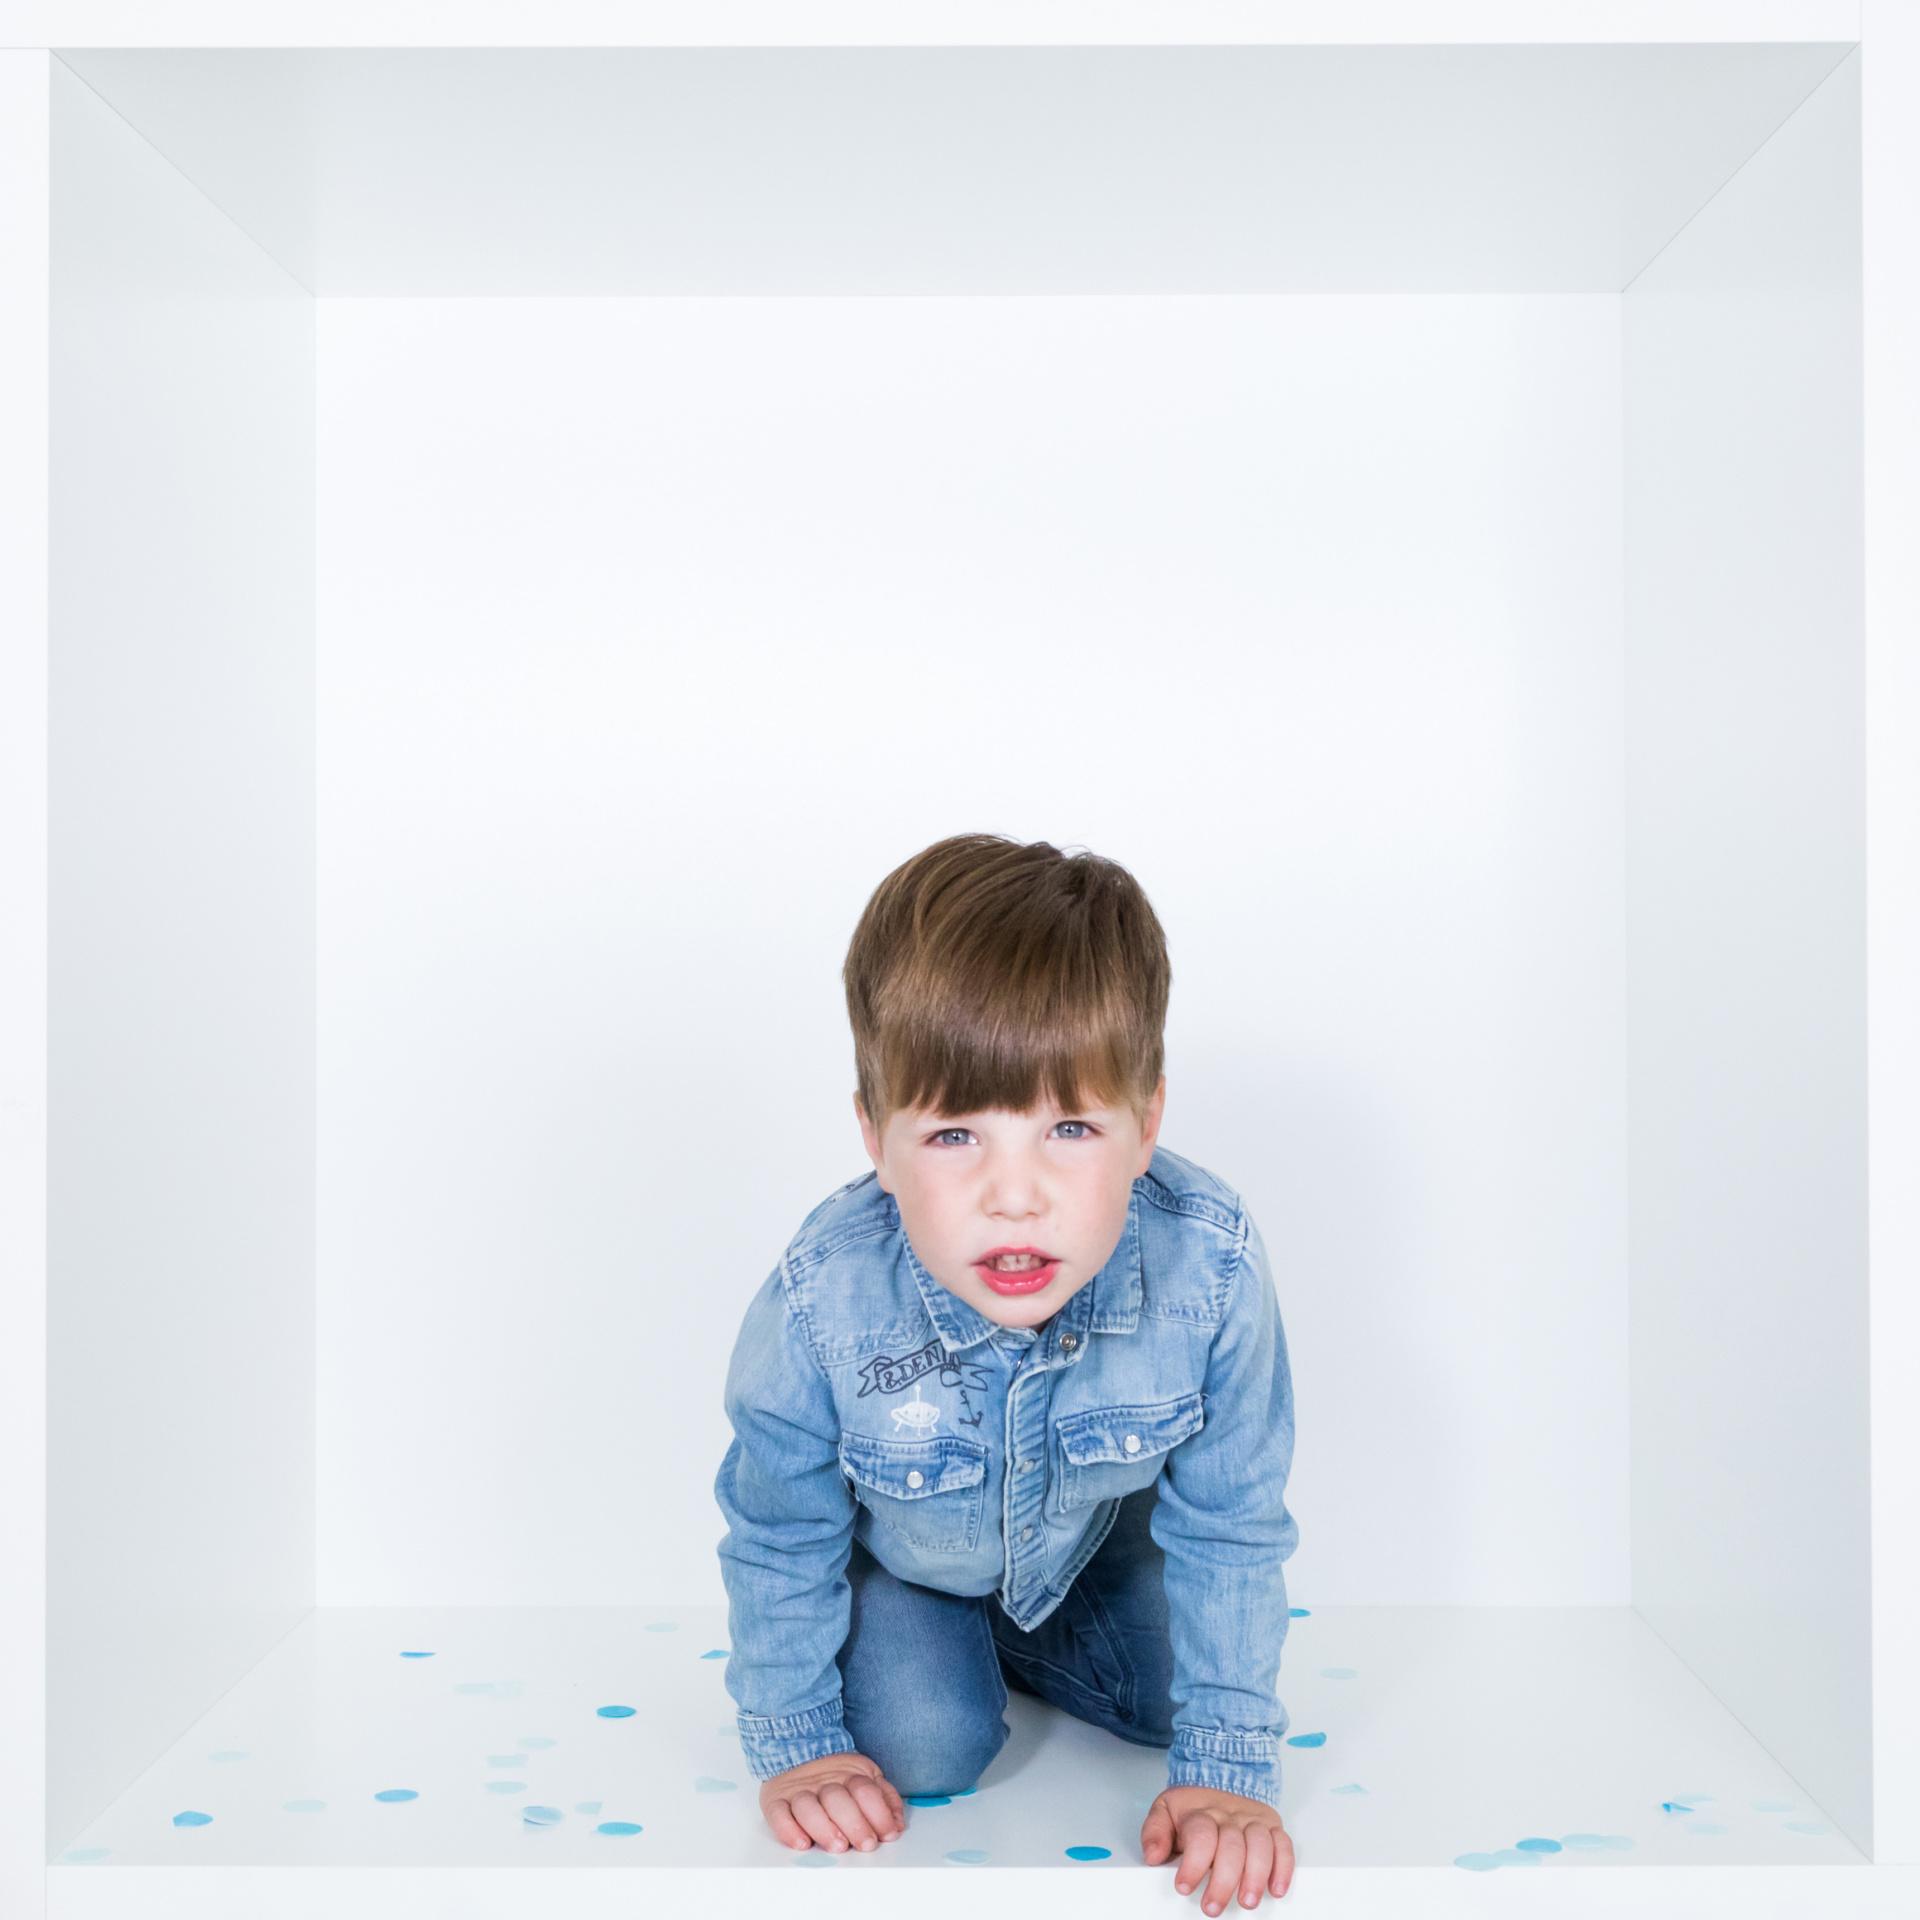 KIDS_in_a_BOX-9587